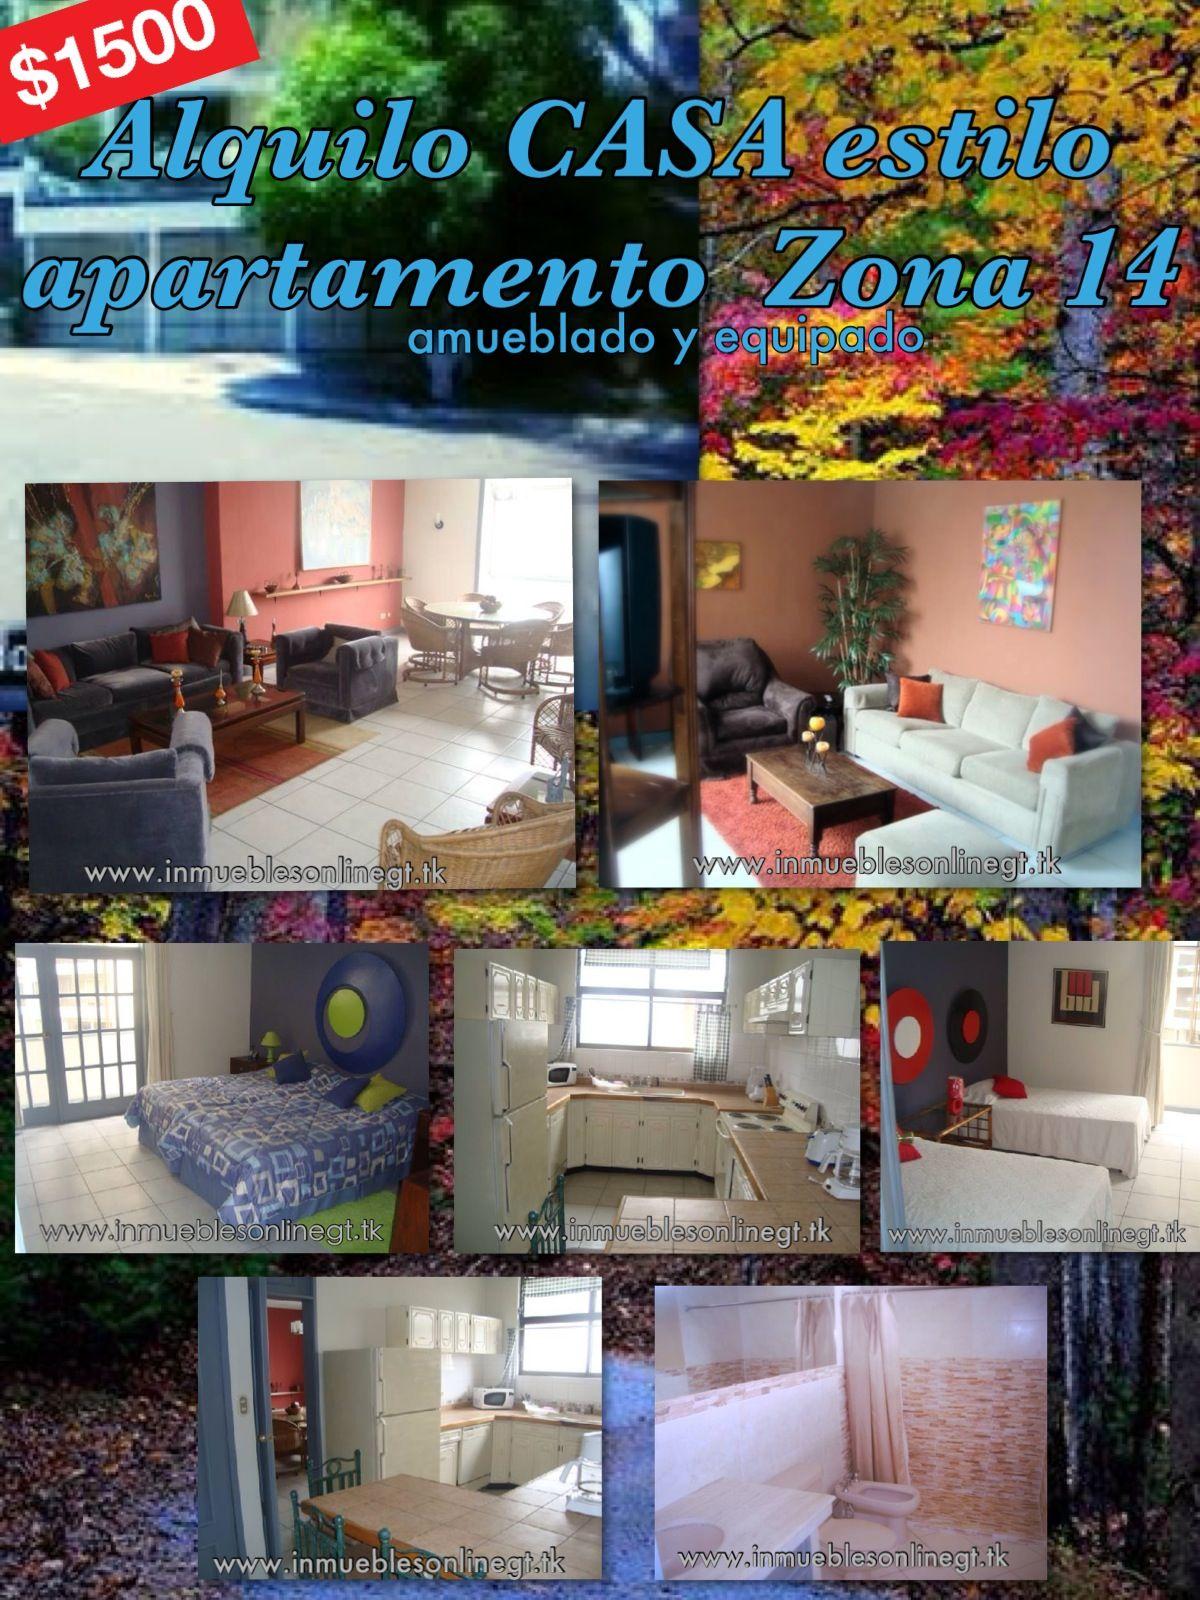 Alquilo CASA estilo apartamento Zona 14 Amueblado y